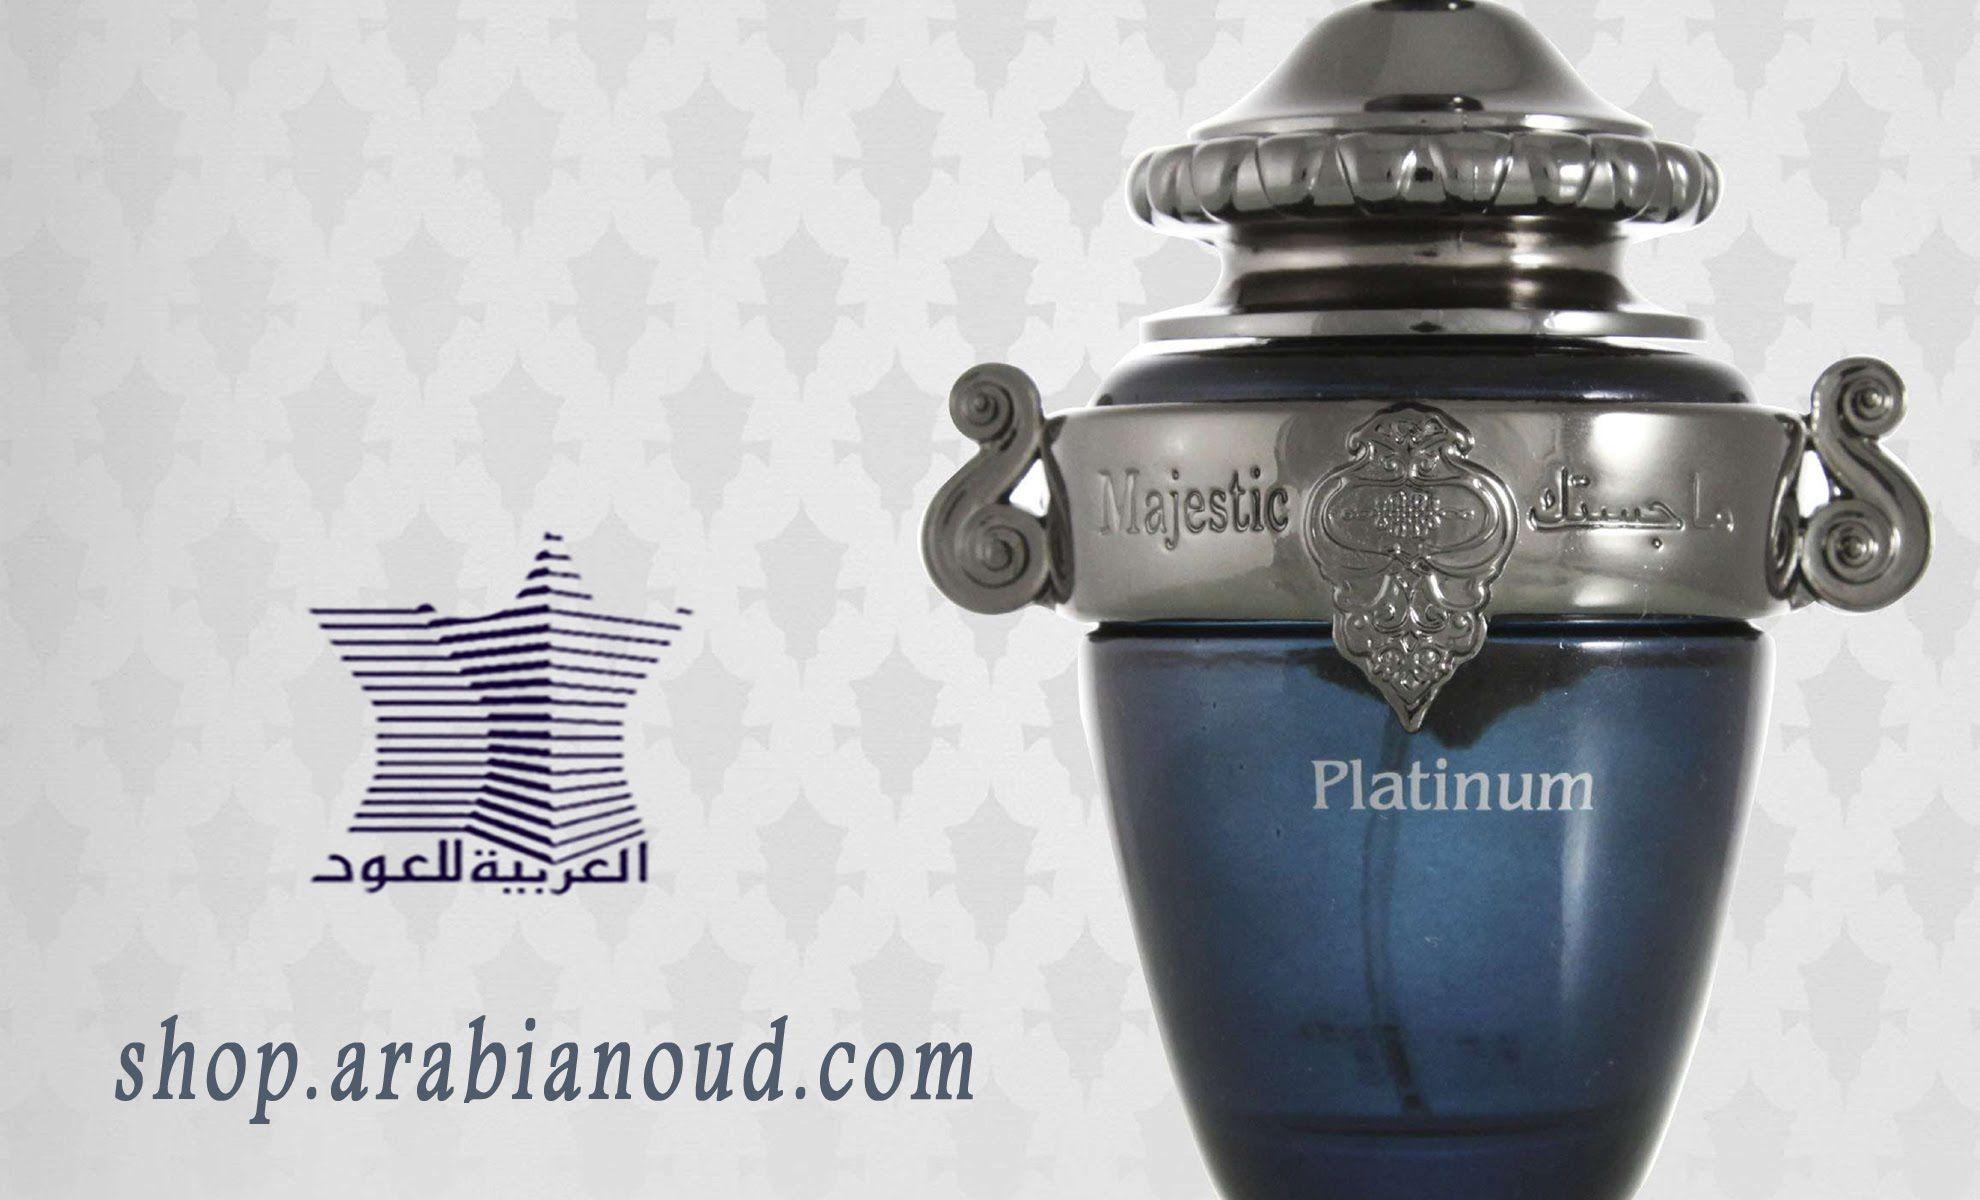 عطر ماجيستيك الفائز بجائزة العطر الرجالي الأكثر شعبية Arabian Popular A Men Perfume Perfume Fragrance